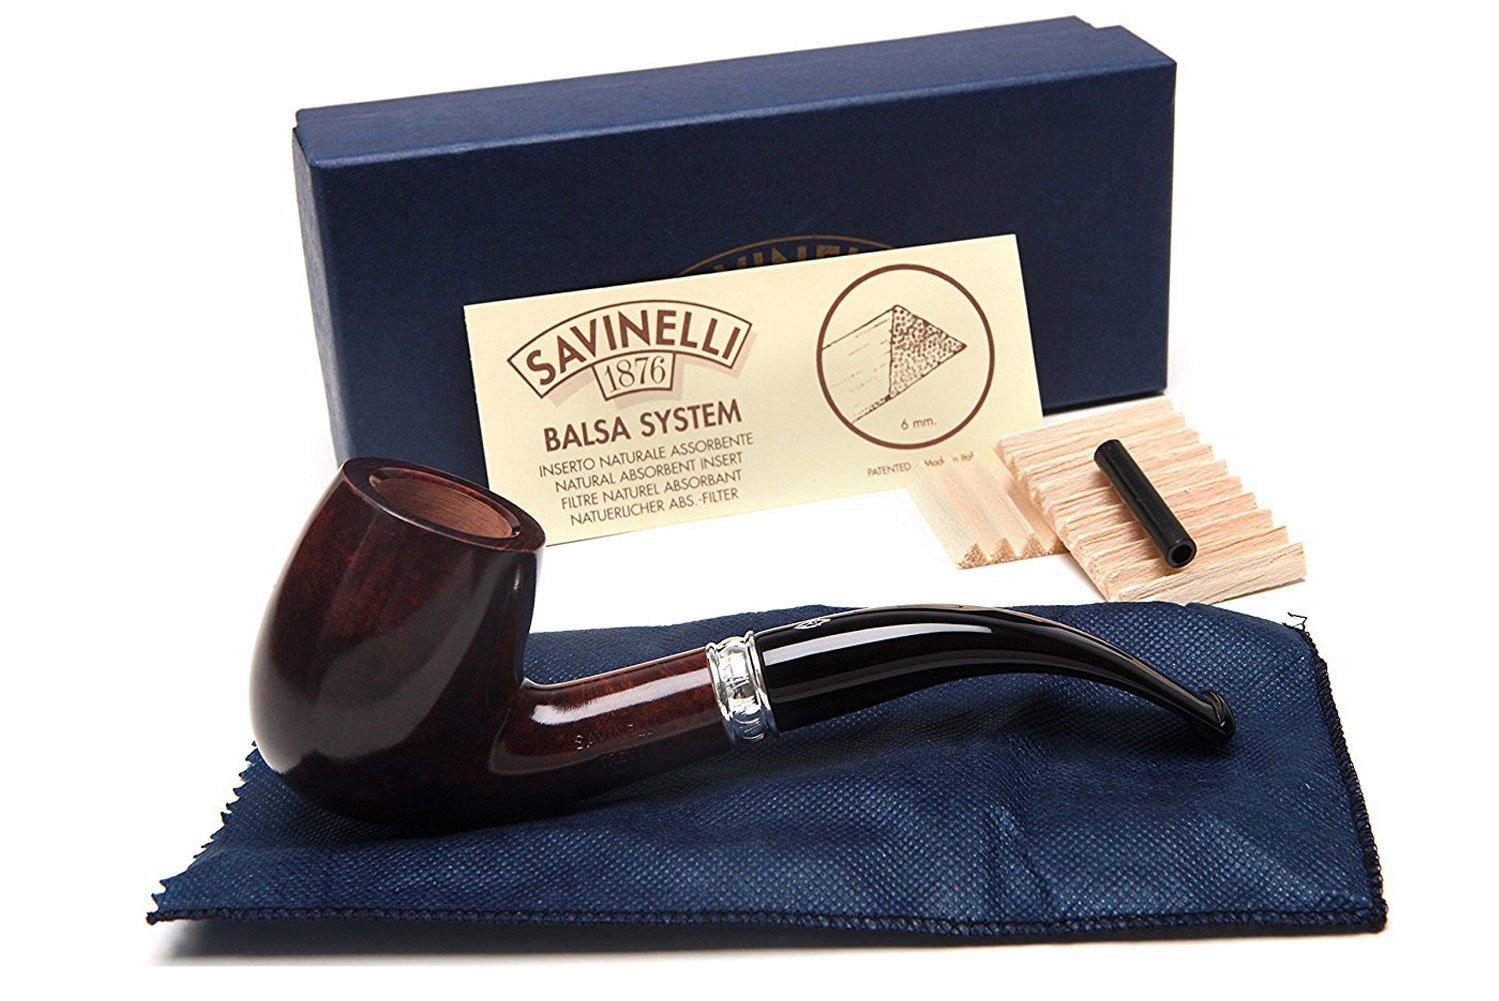 Savinelli Italian Tobacco Smoking Pipes, Trevi Smooth 606 KS